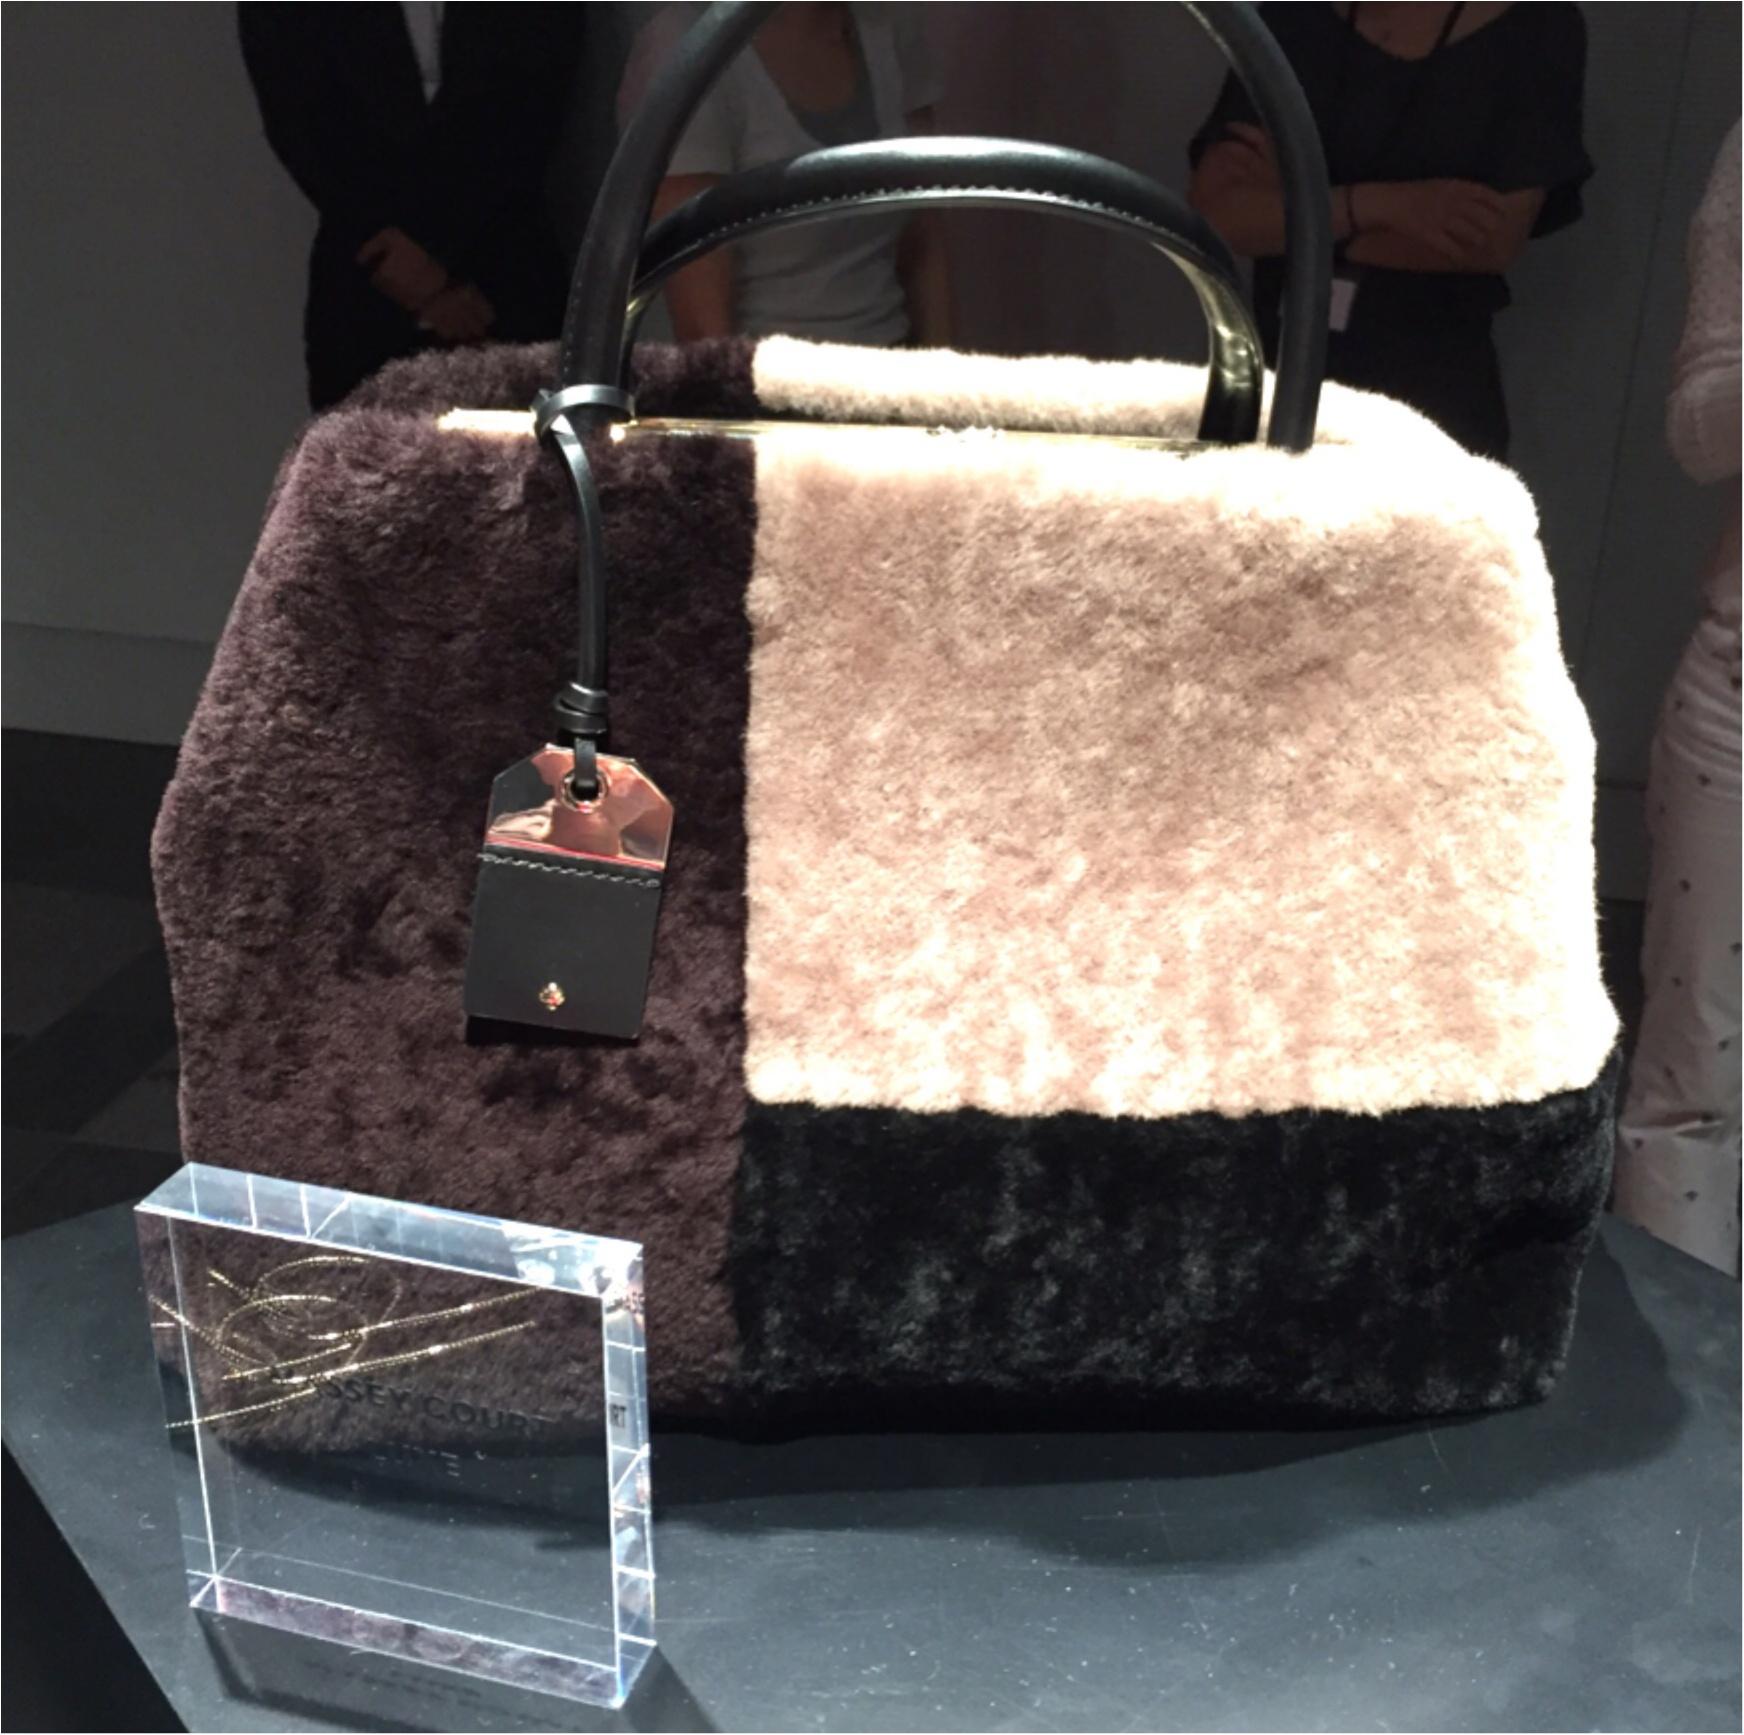 ケイト・スペード ニューヨーク、秋のバッグはどれを選ぶ?_3